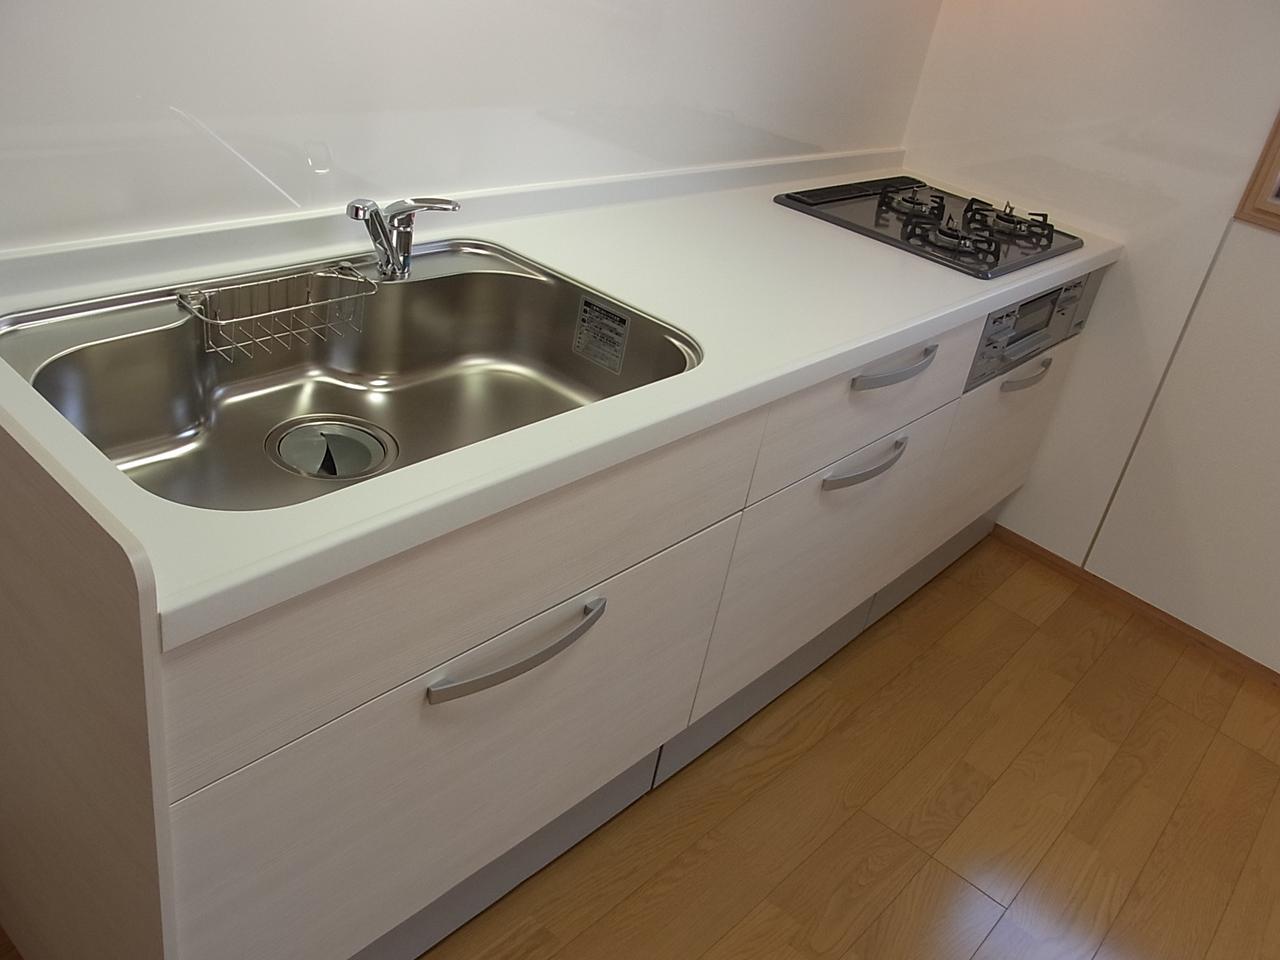 システムキッチンも新品ピカピカで、お料理も楽しめそうですね!